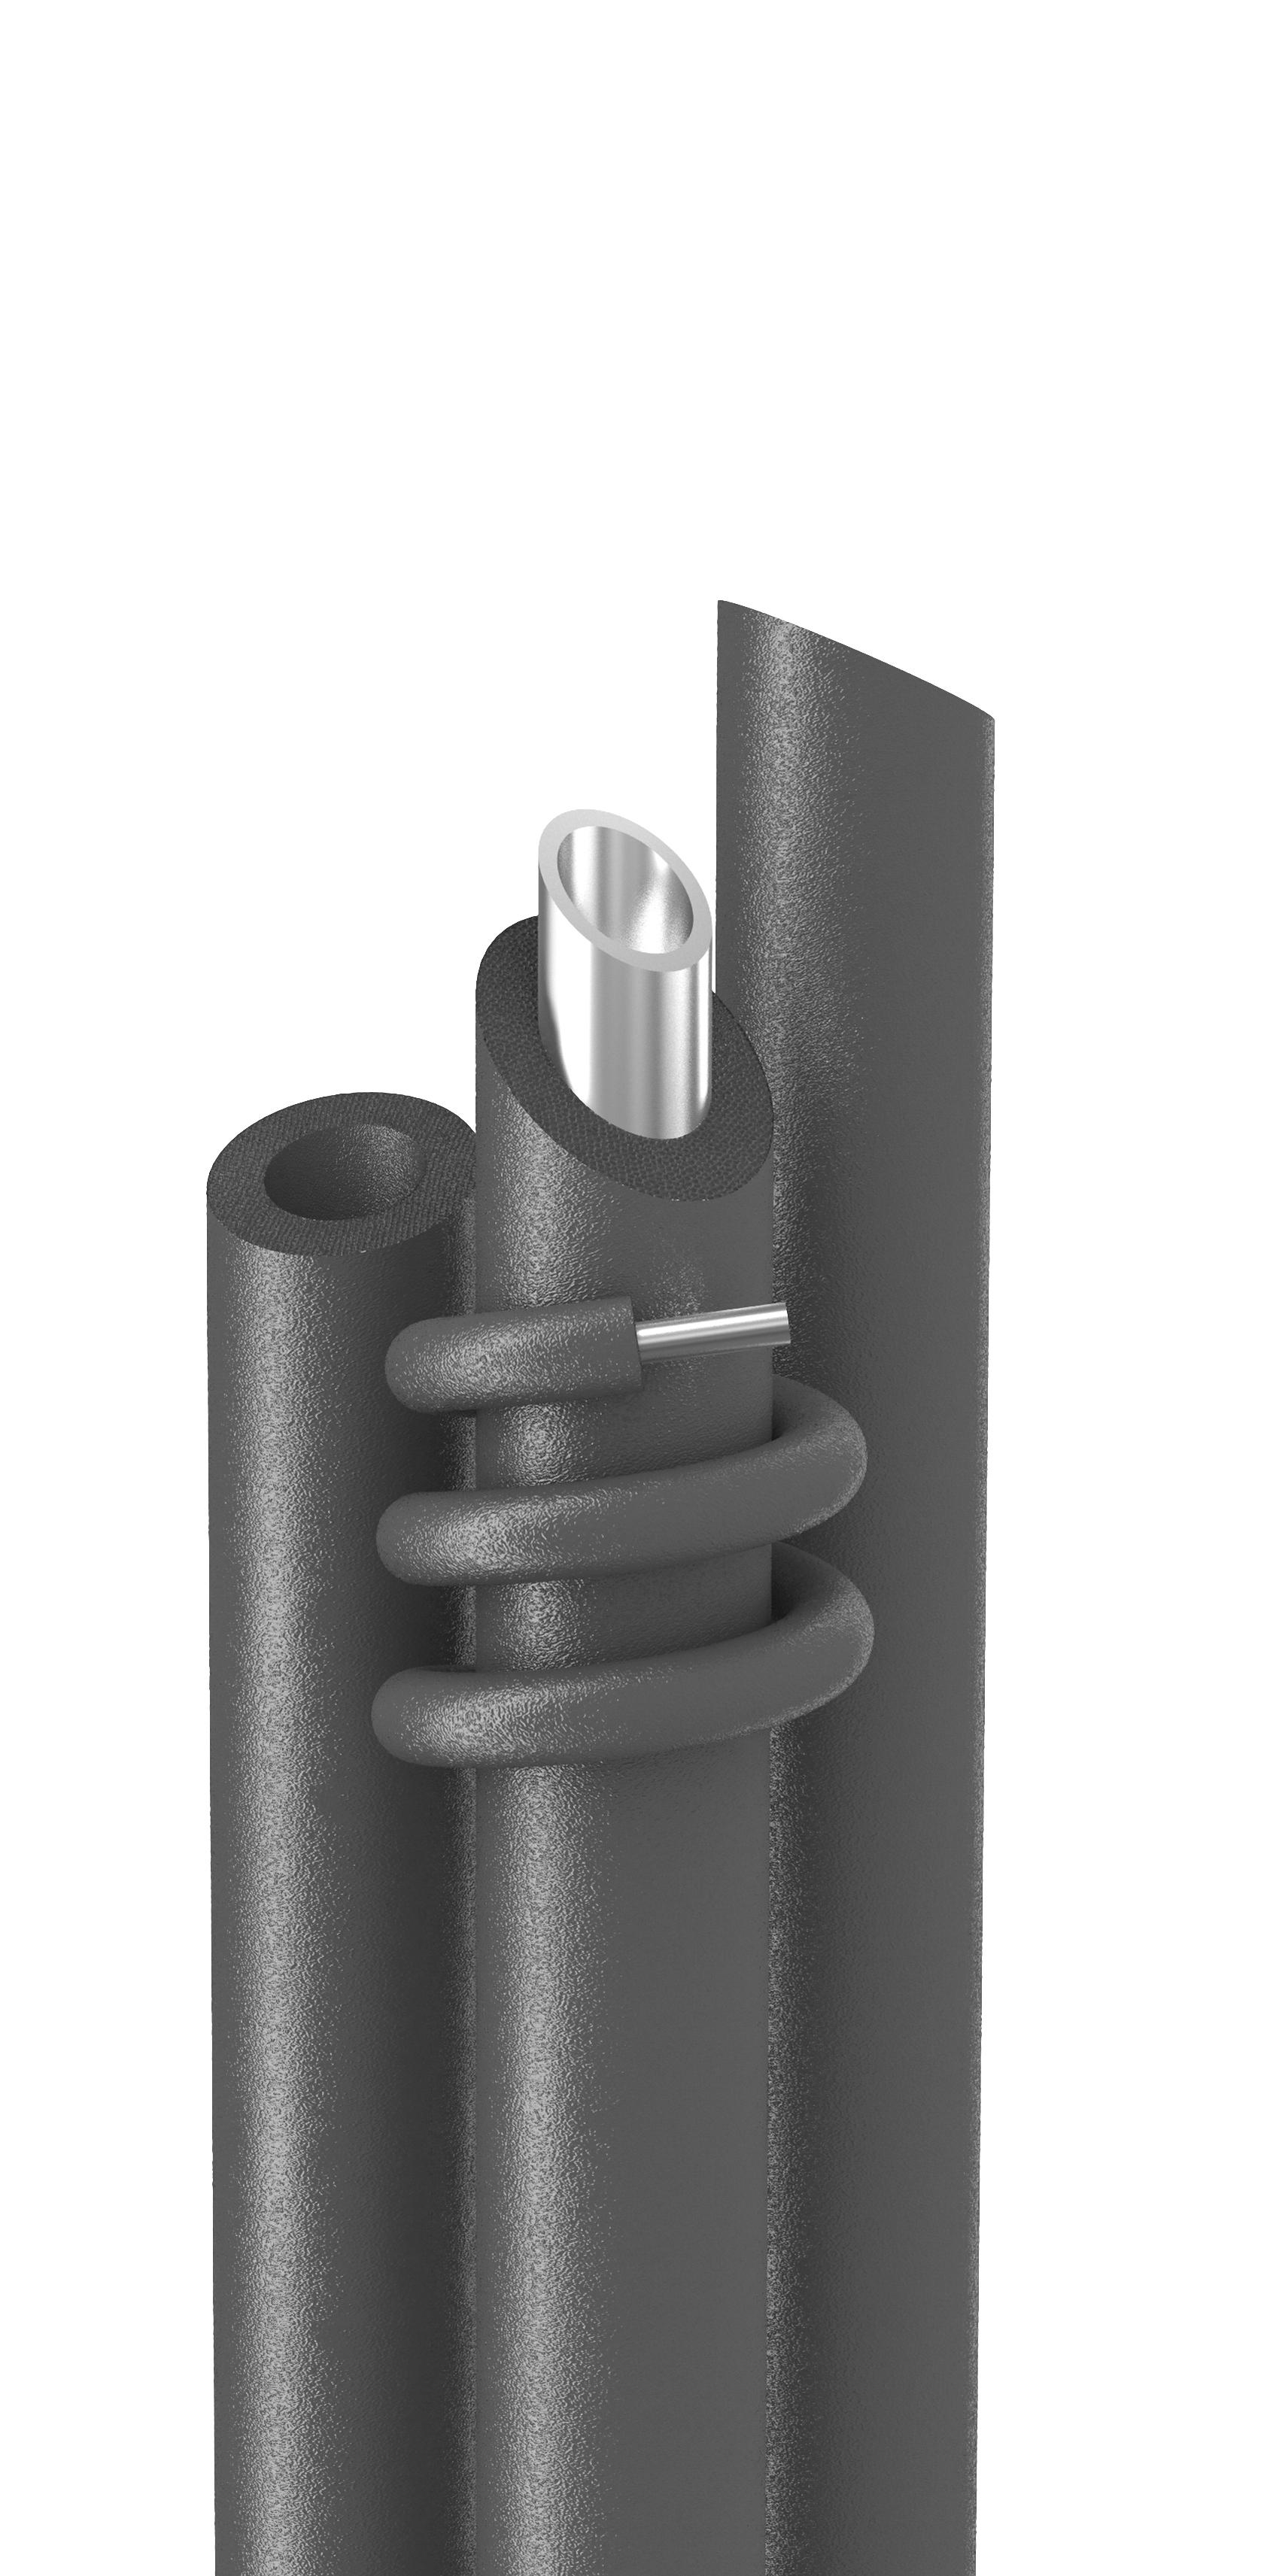 Трубки Energoflex толщ.9мм диам.64